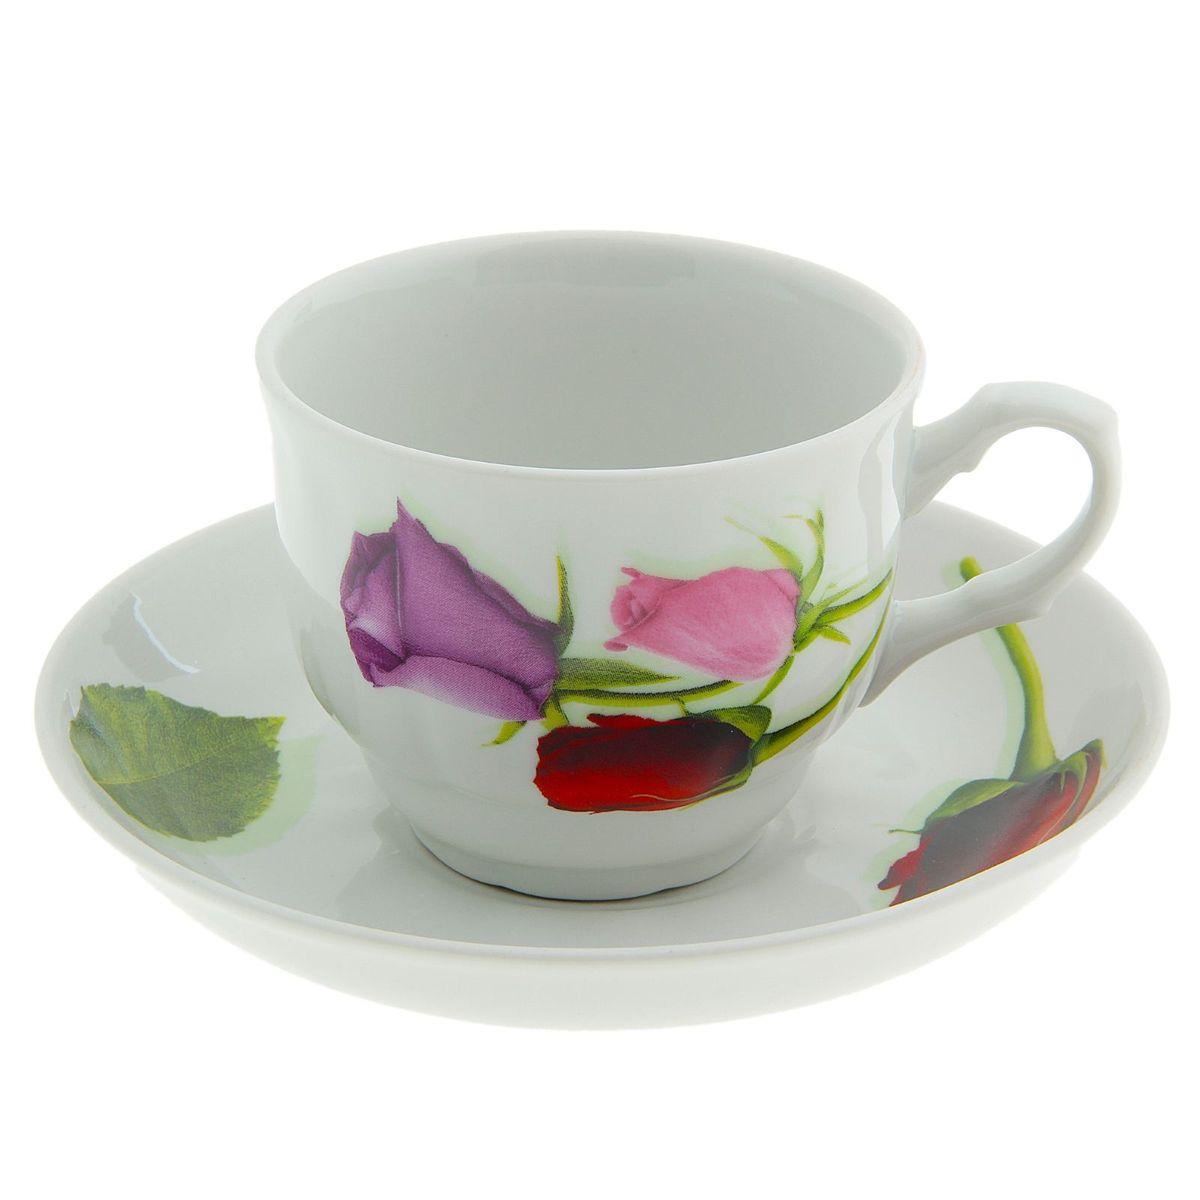 Чайная пара Тюльпан. Королева цветов, 2 предмета чайная пара экспресс белье 2 предмета